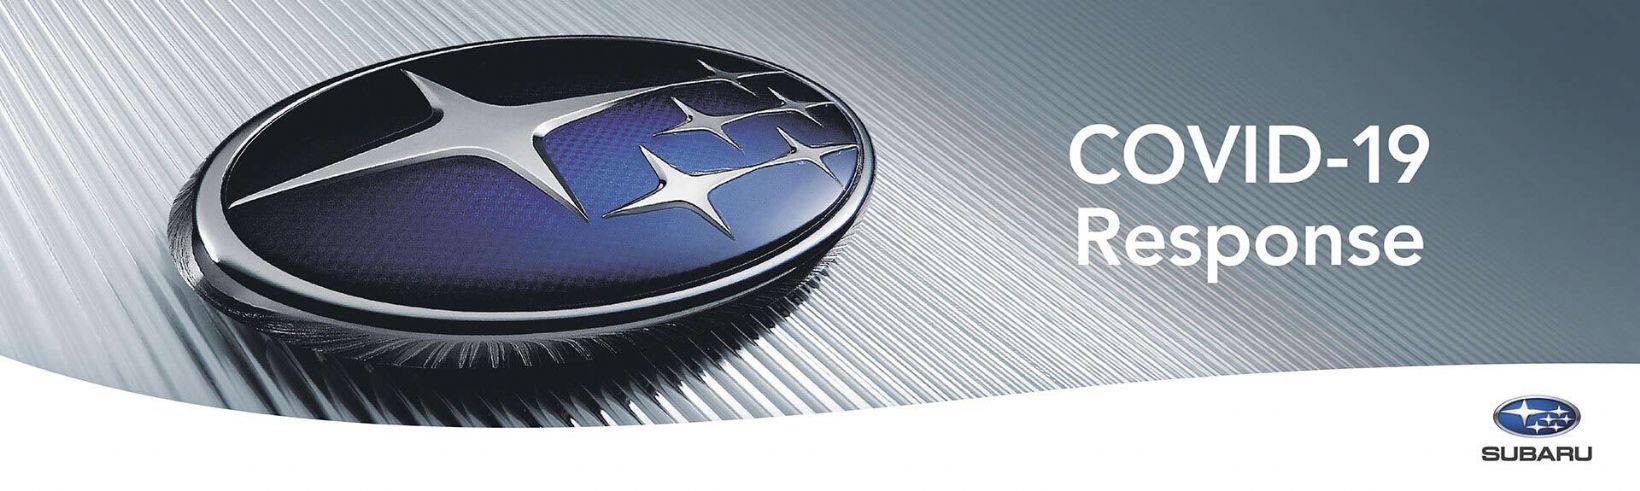 Trivett Subaru COVID 19 Response